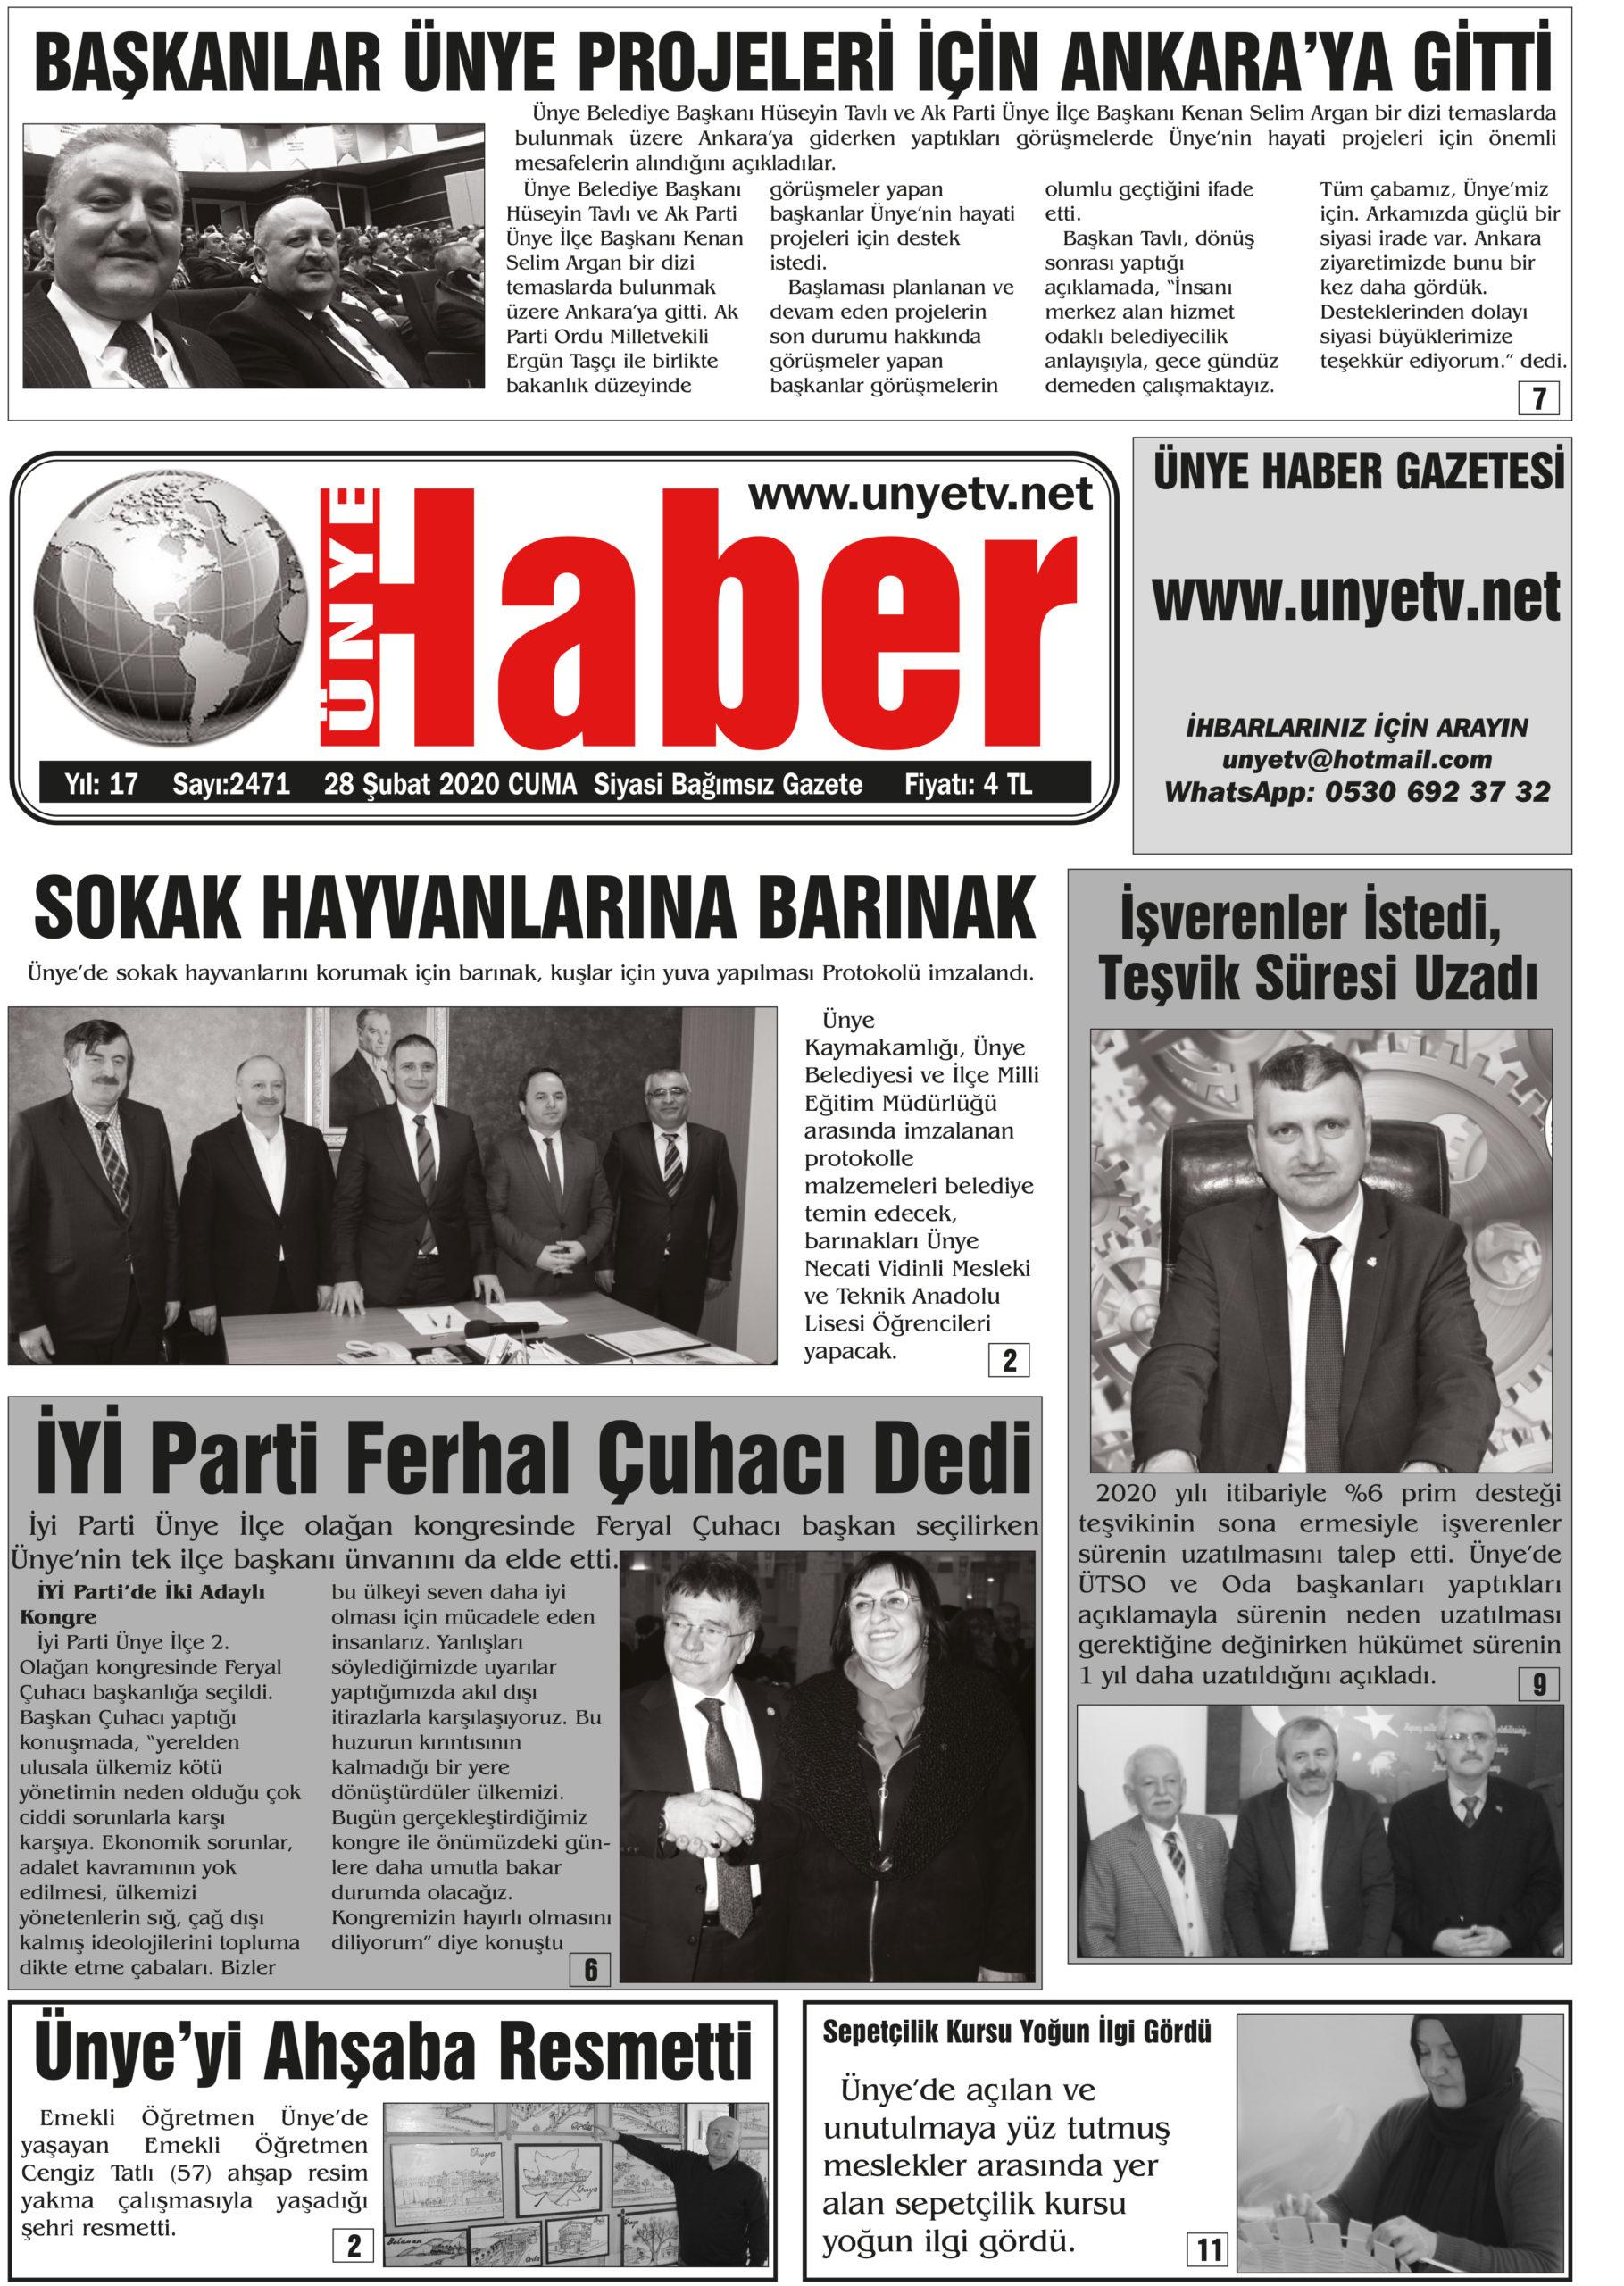 28.02.2020 Ünye Haber Gazetesi 1. Sayfası